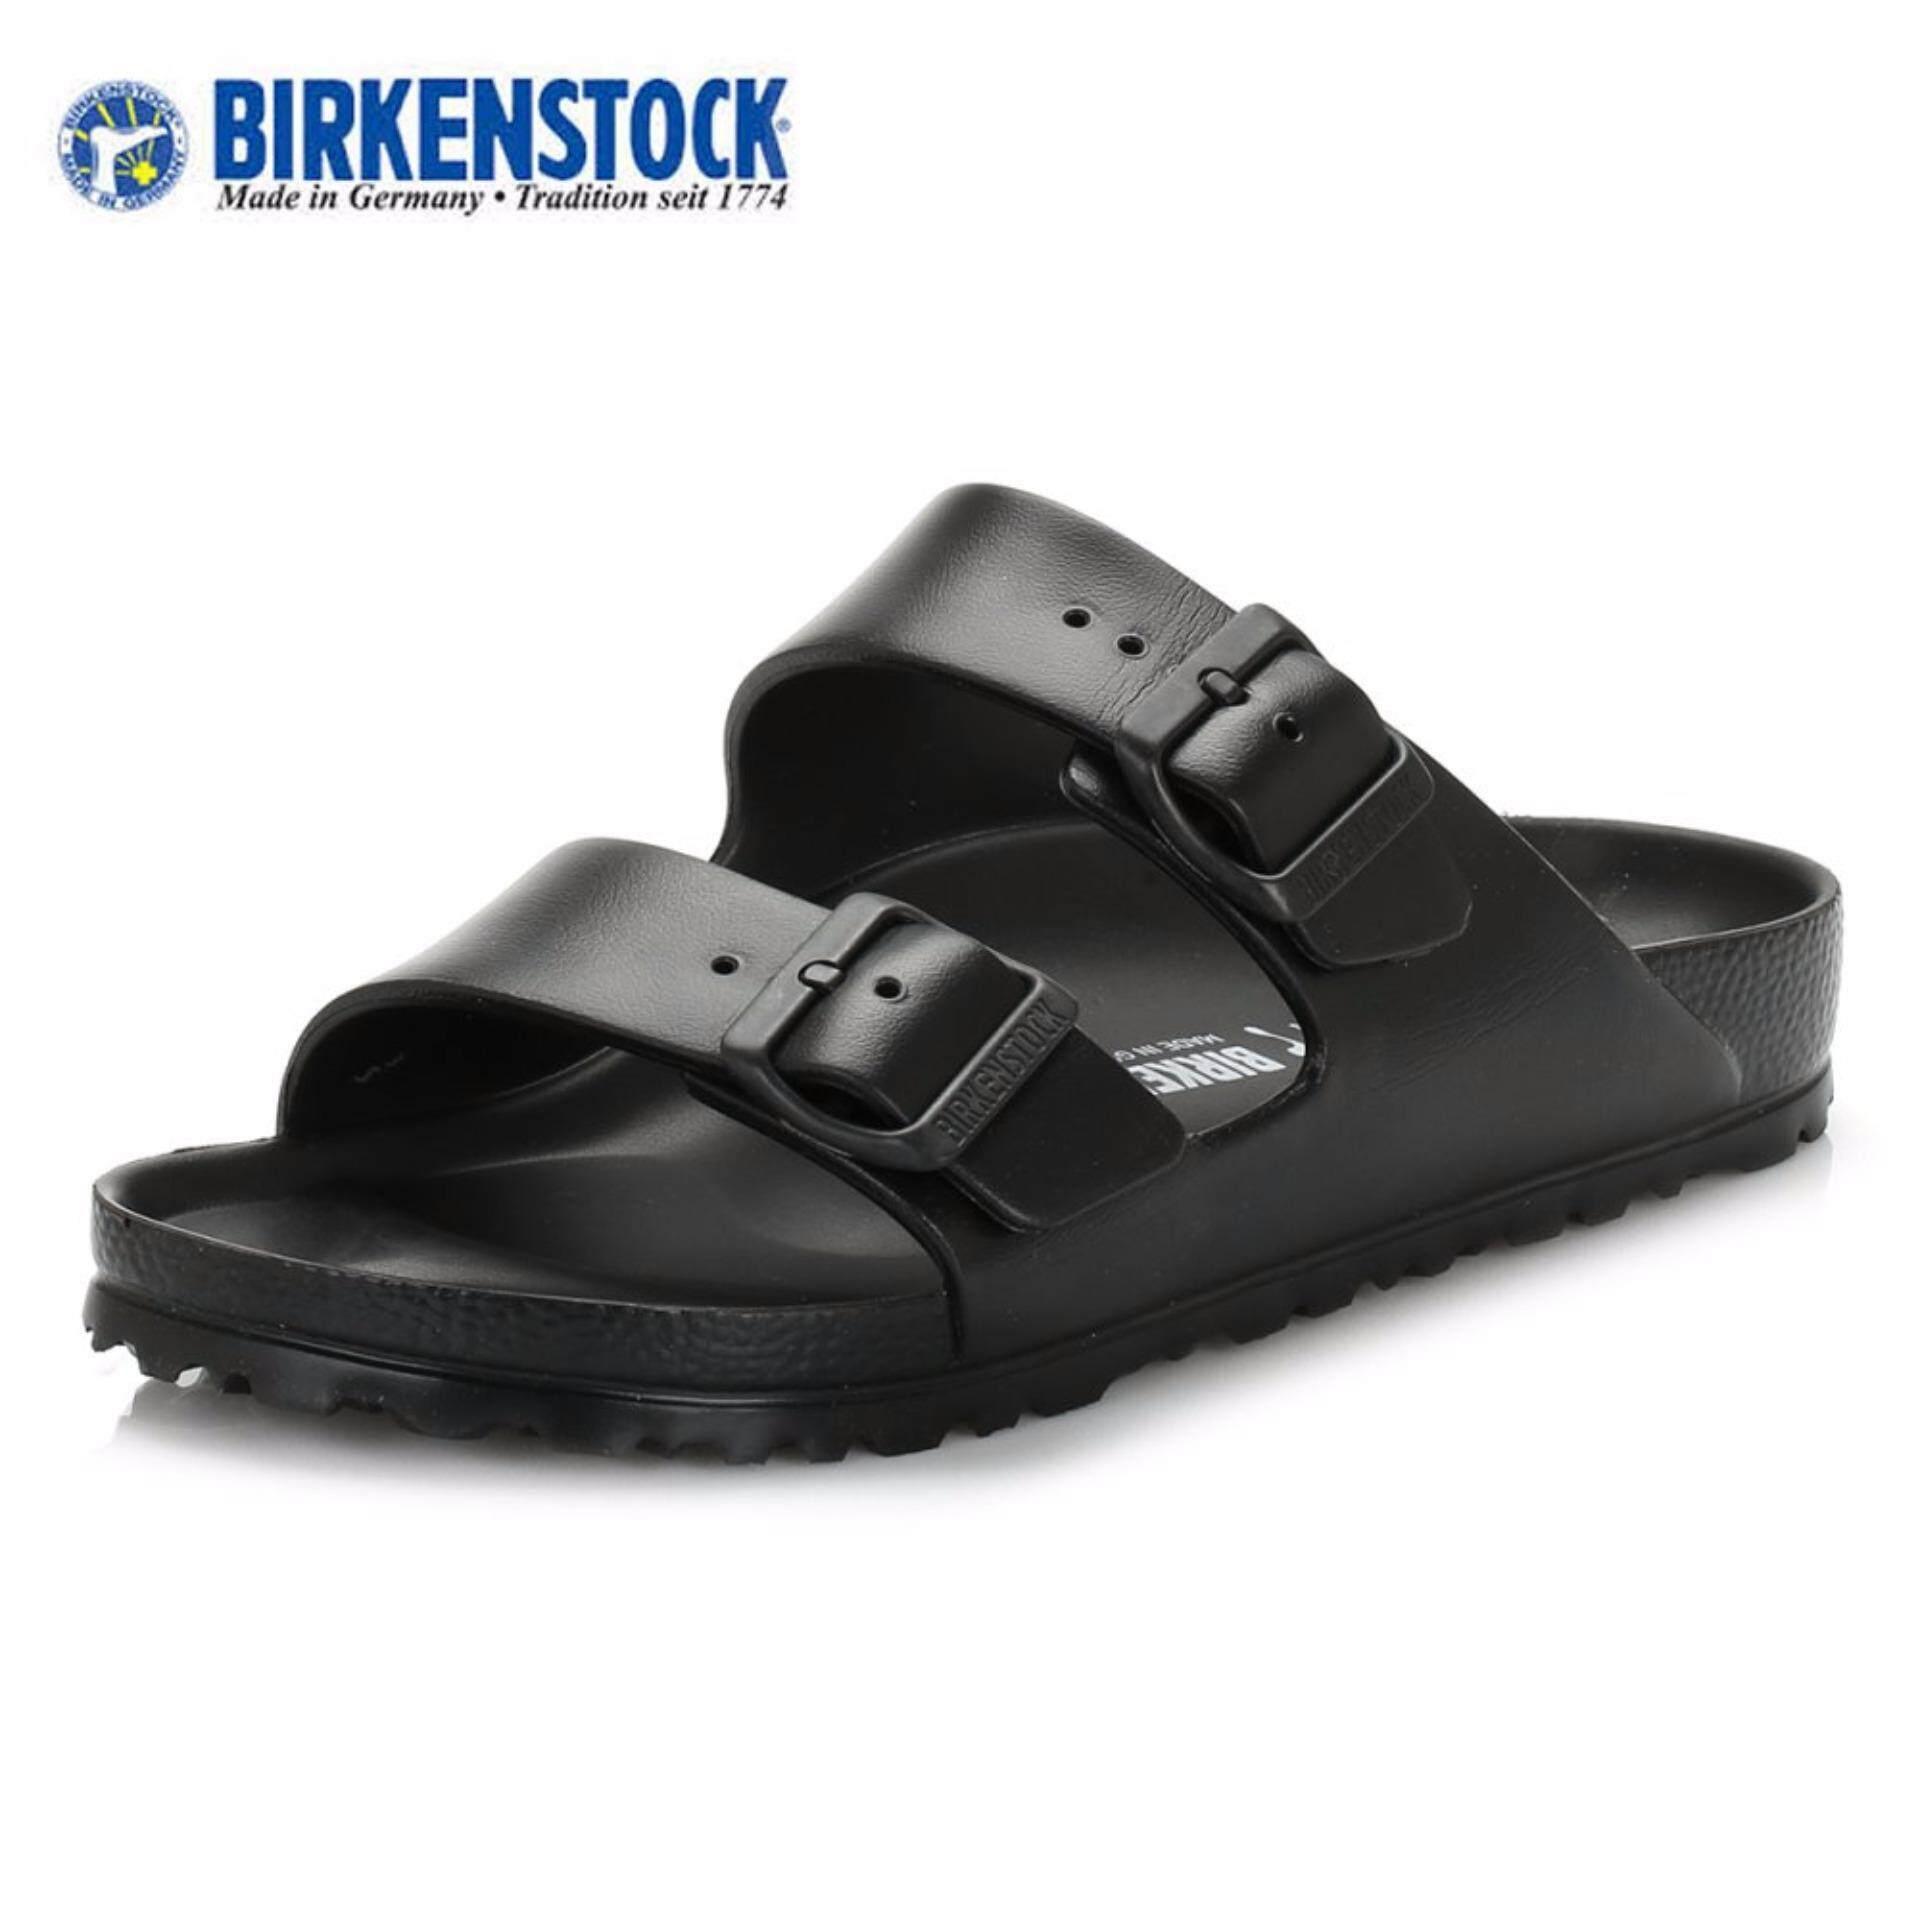 Buy Birkenstock Sandals Online  9058381a904